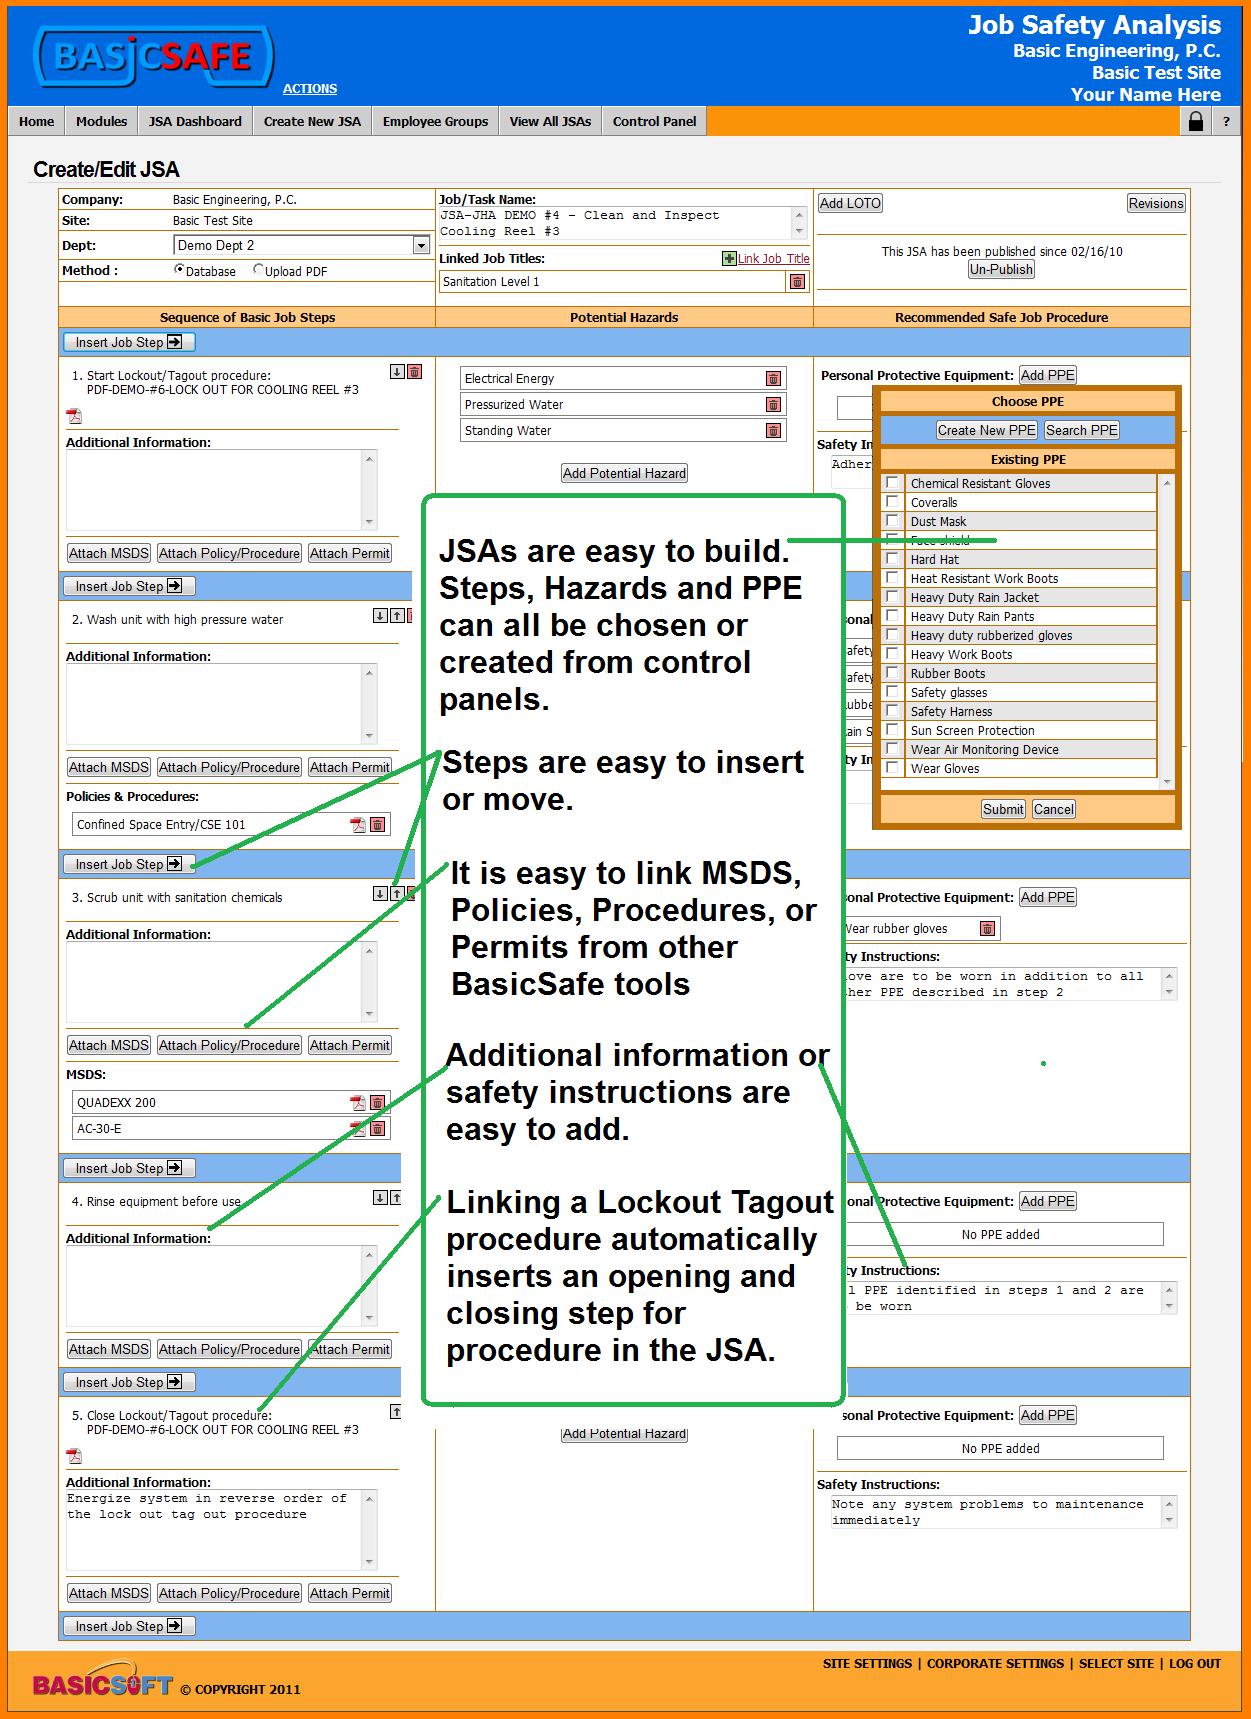 Job Safety Analysis Samples